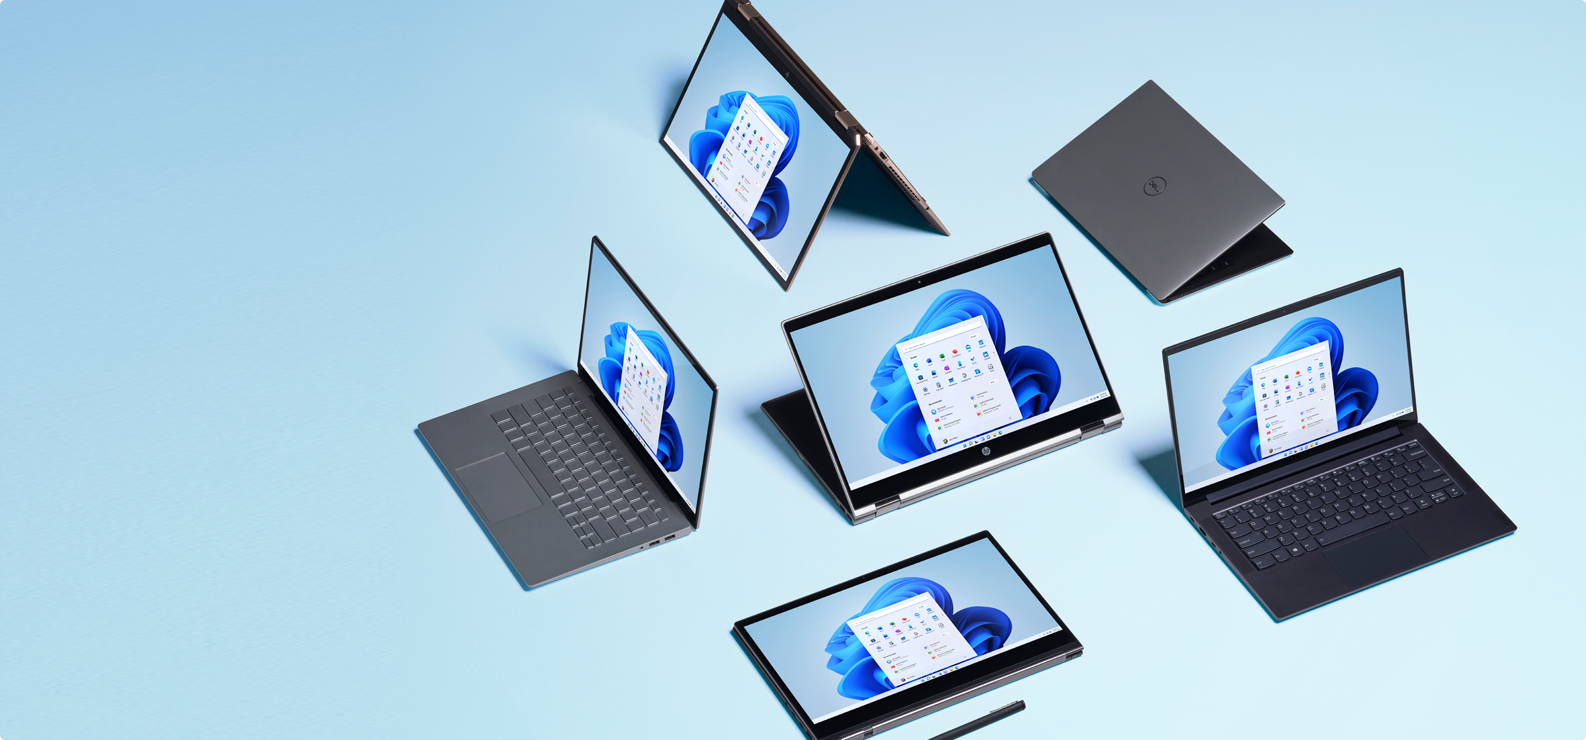 Tableau d'ordinateurs avec stylo numérique